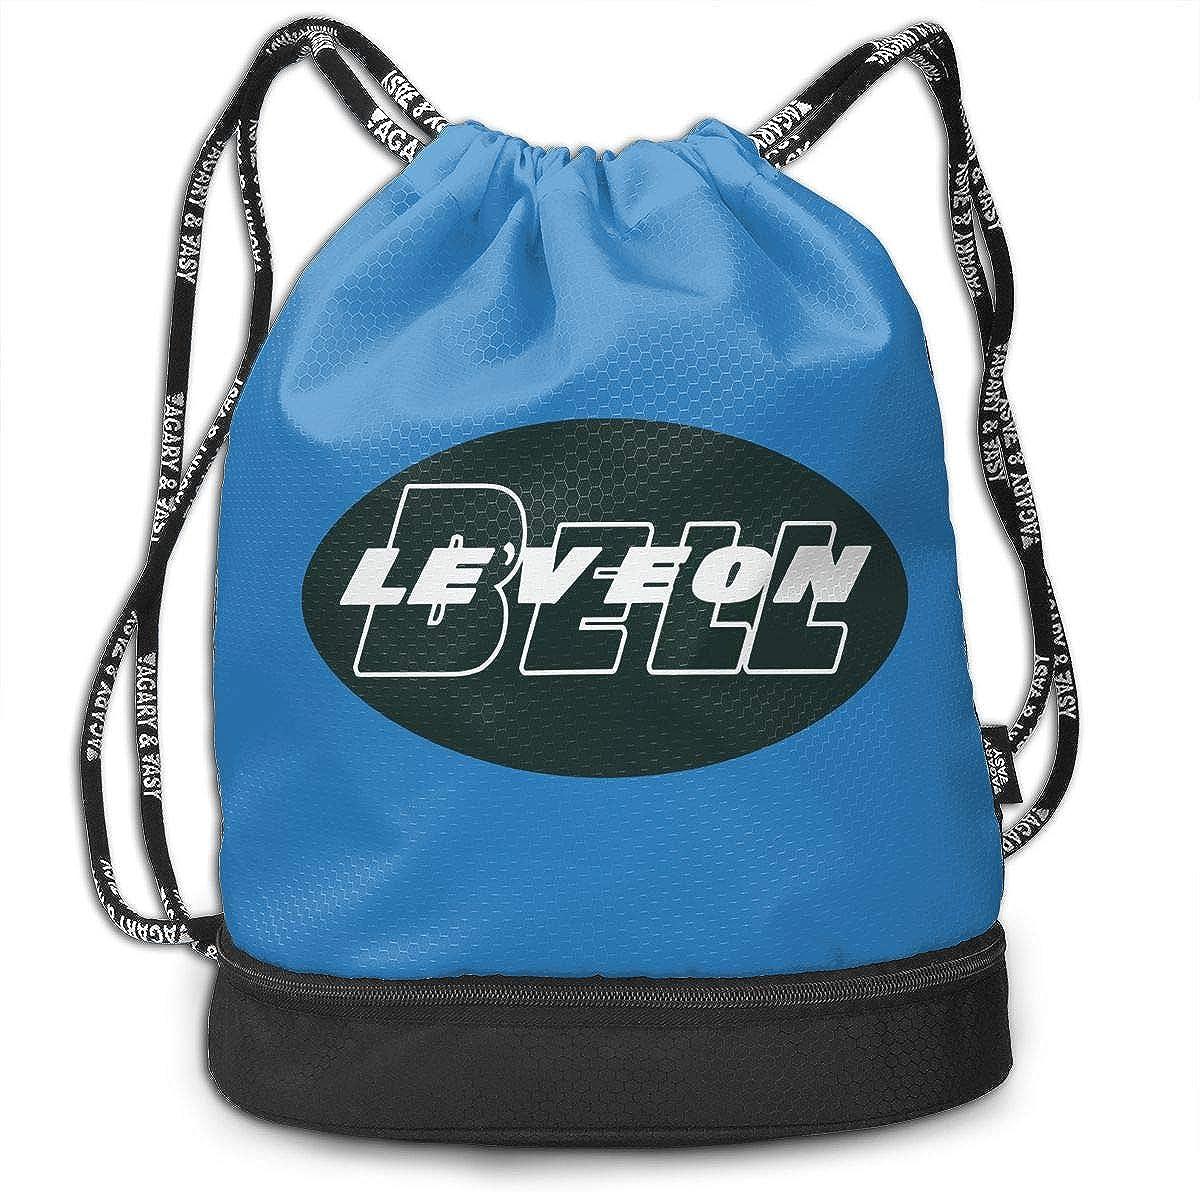 Drawstring Bag New York Bell Logo Gym Bag Sport Backpack Shoulder Bags Travel College Rucksack